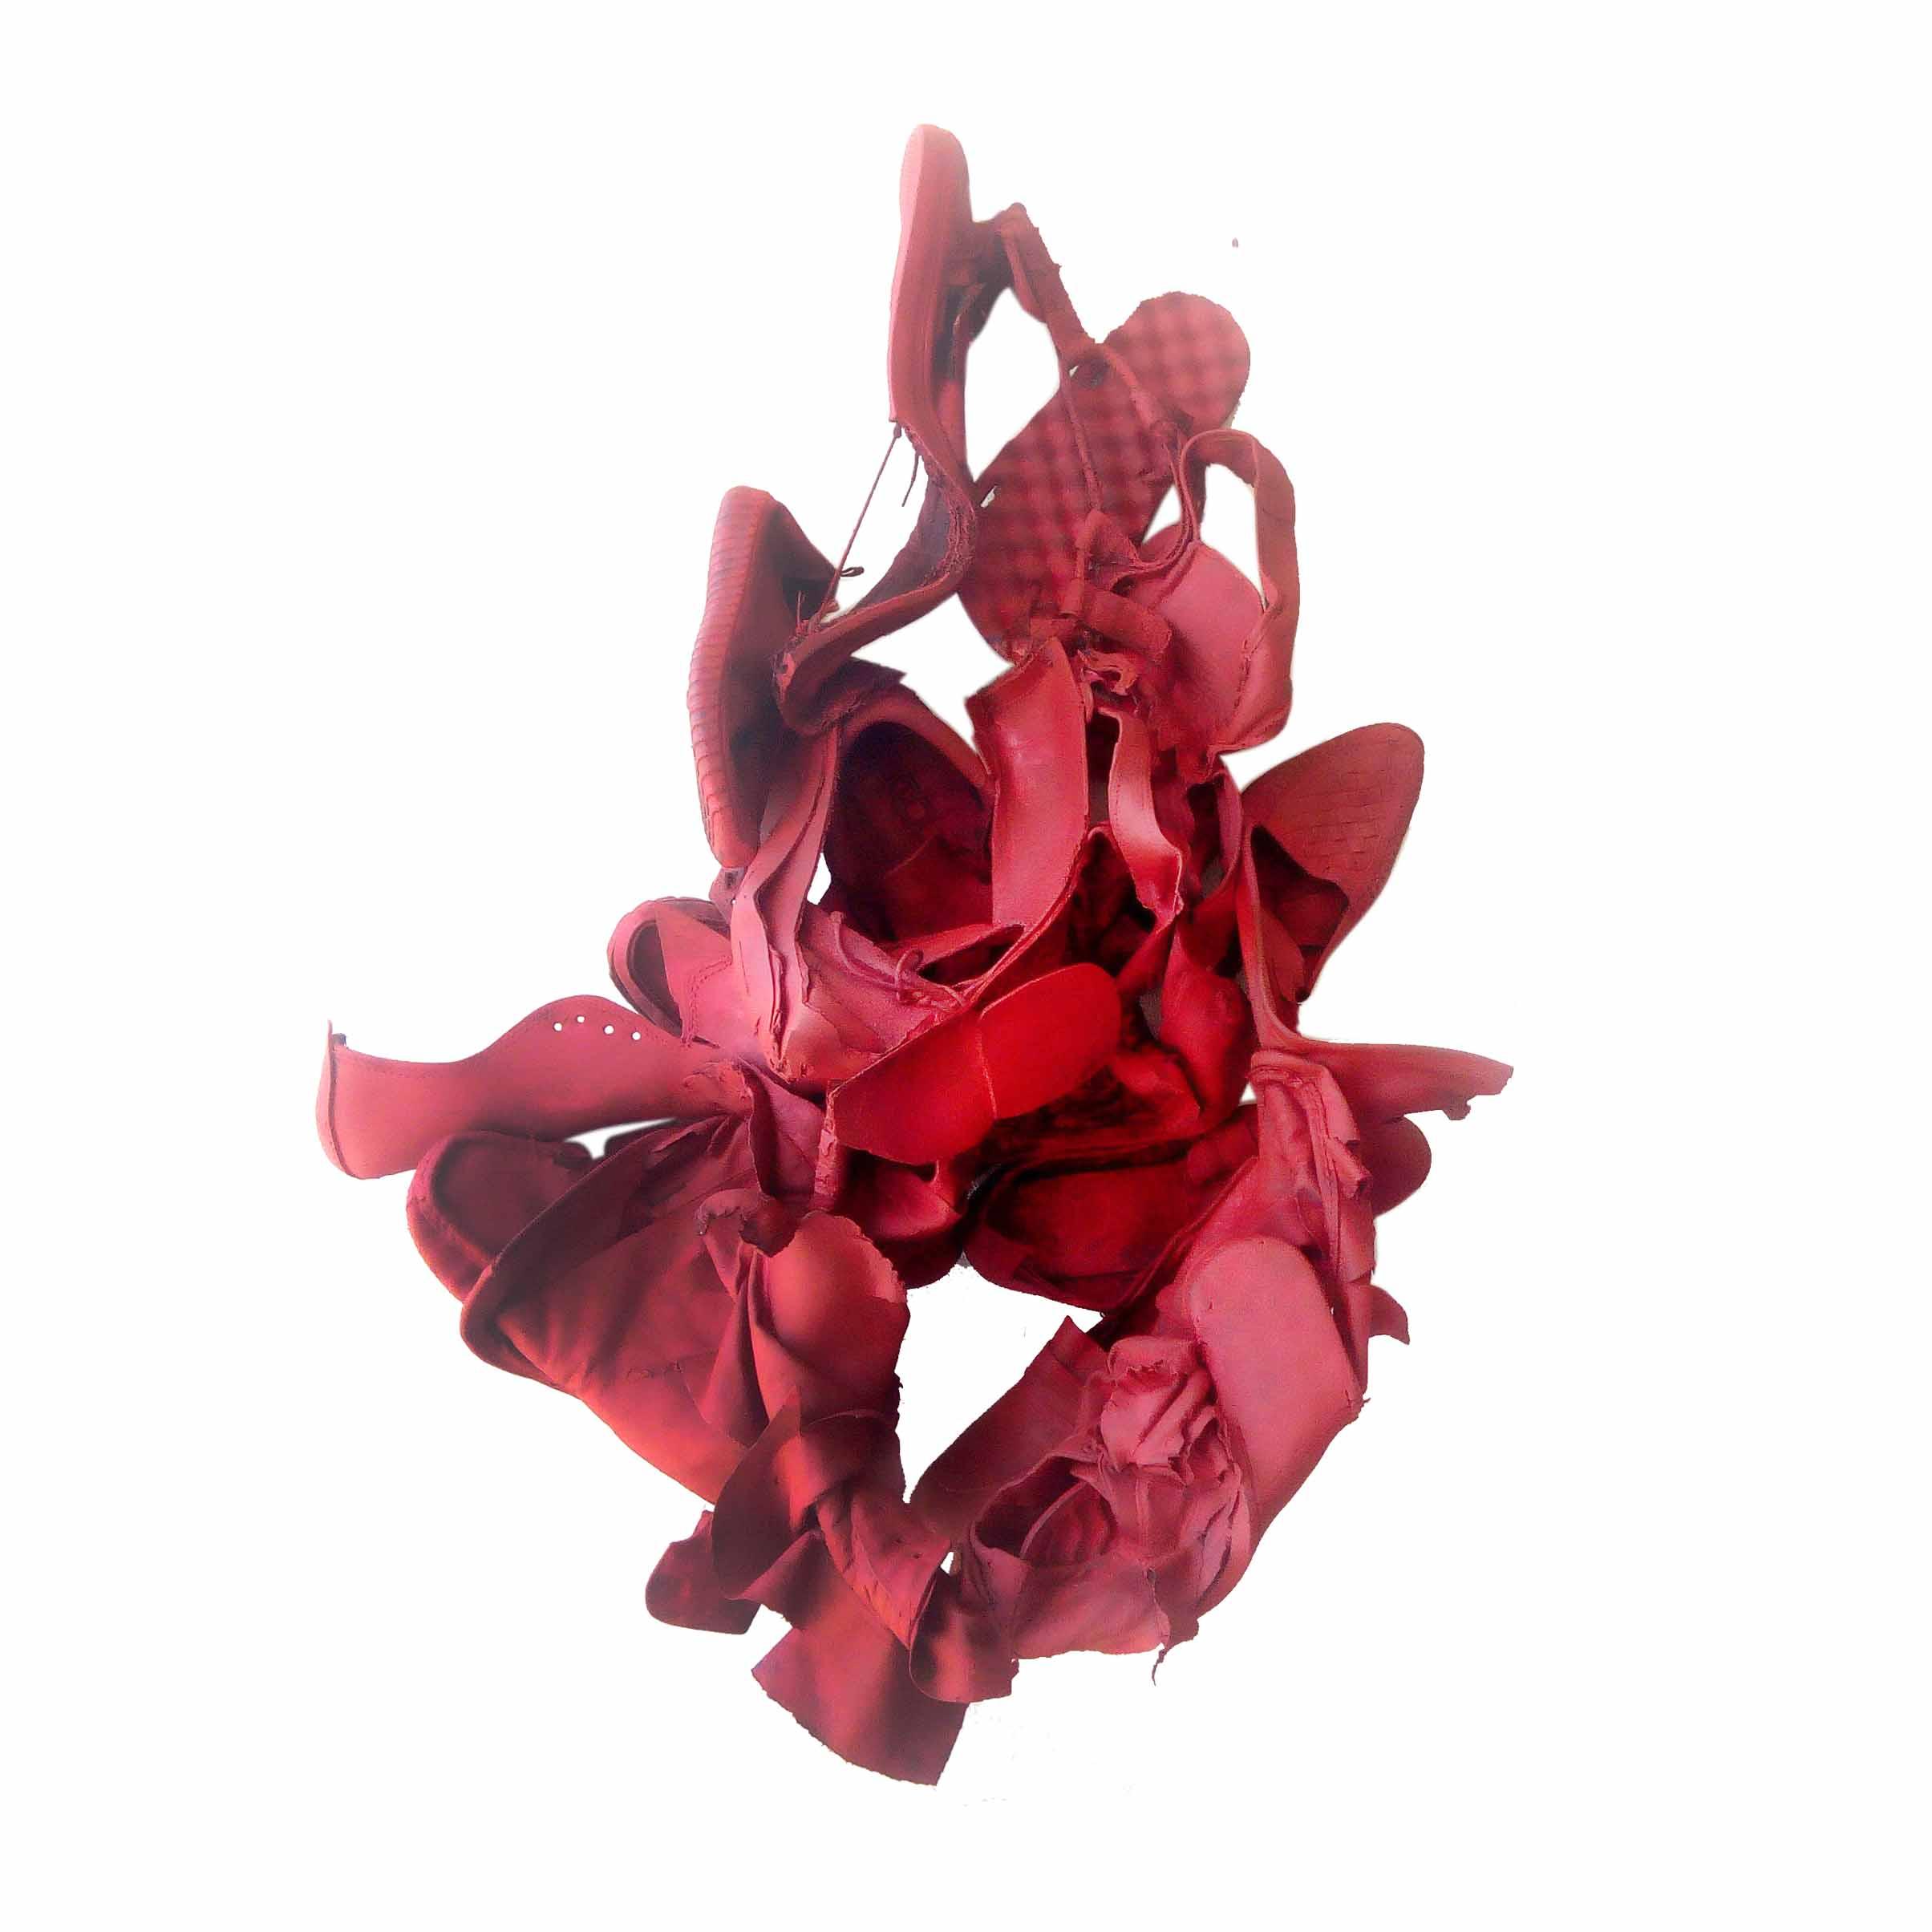 Achille ADONON: Asyà, série d'oeuvres sculpturales